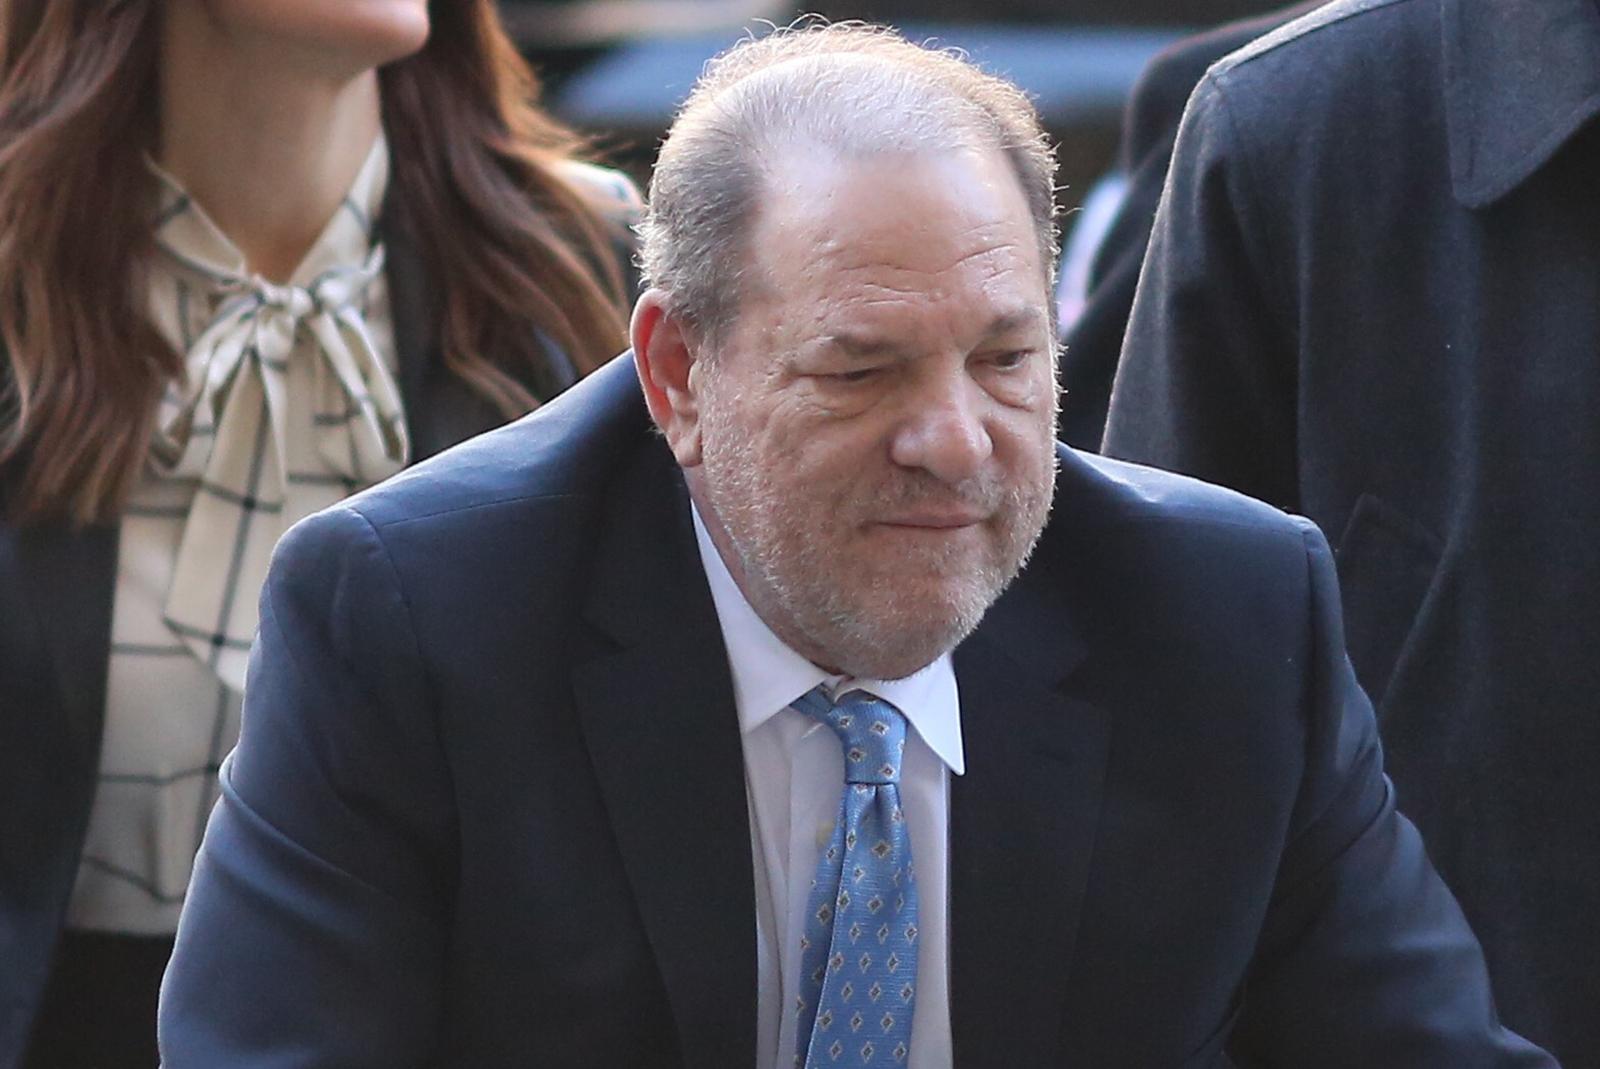 Downfall of Harvey Weinstein